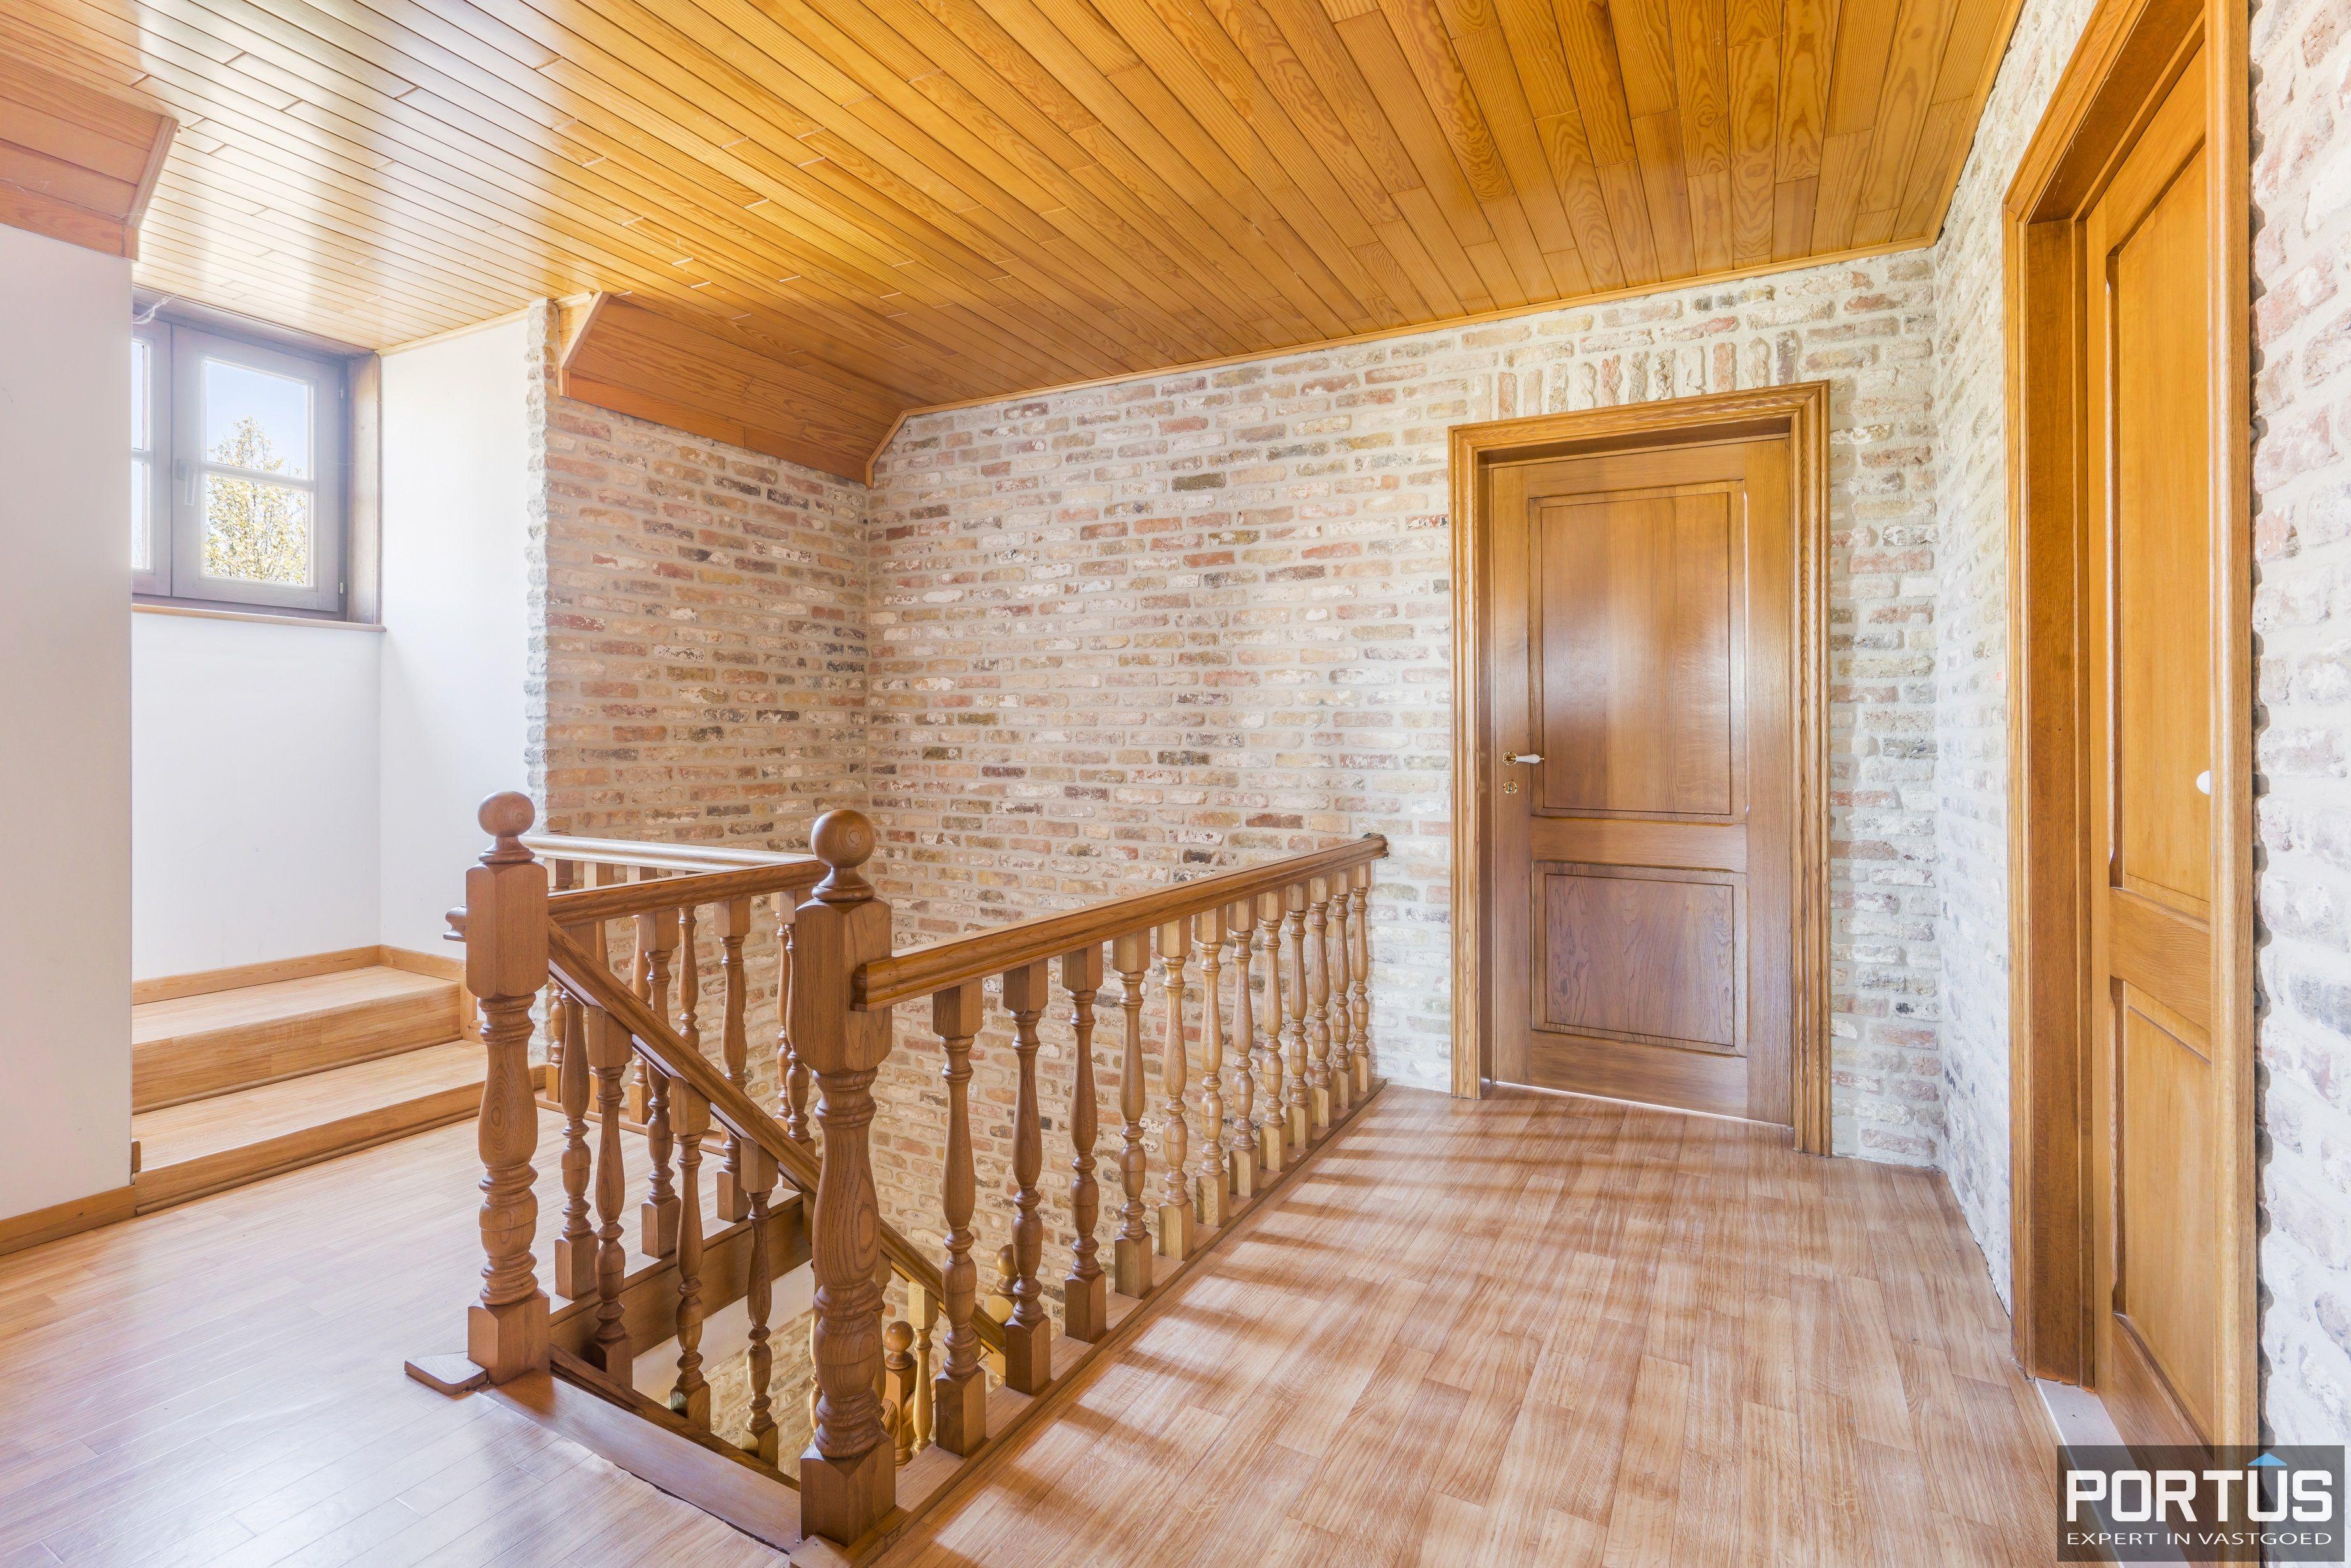 Woning te koop met 4 slaapkamers te Oostduinkerke - 12590